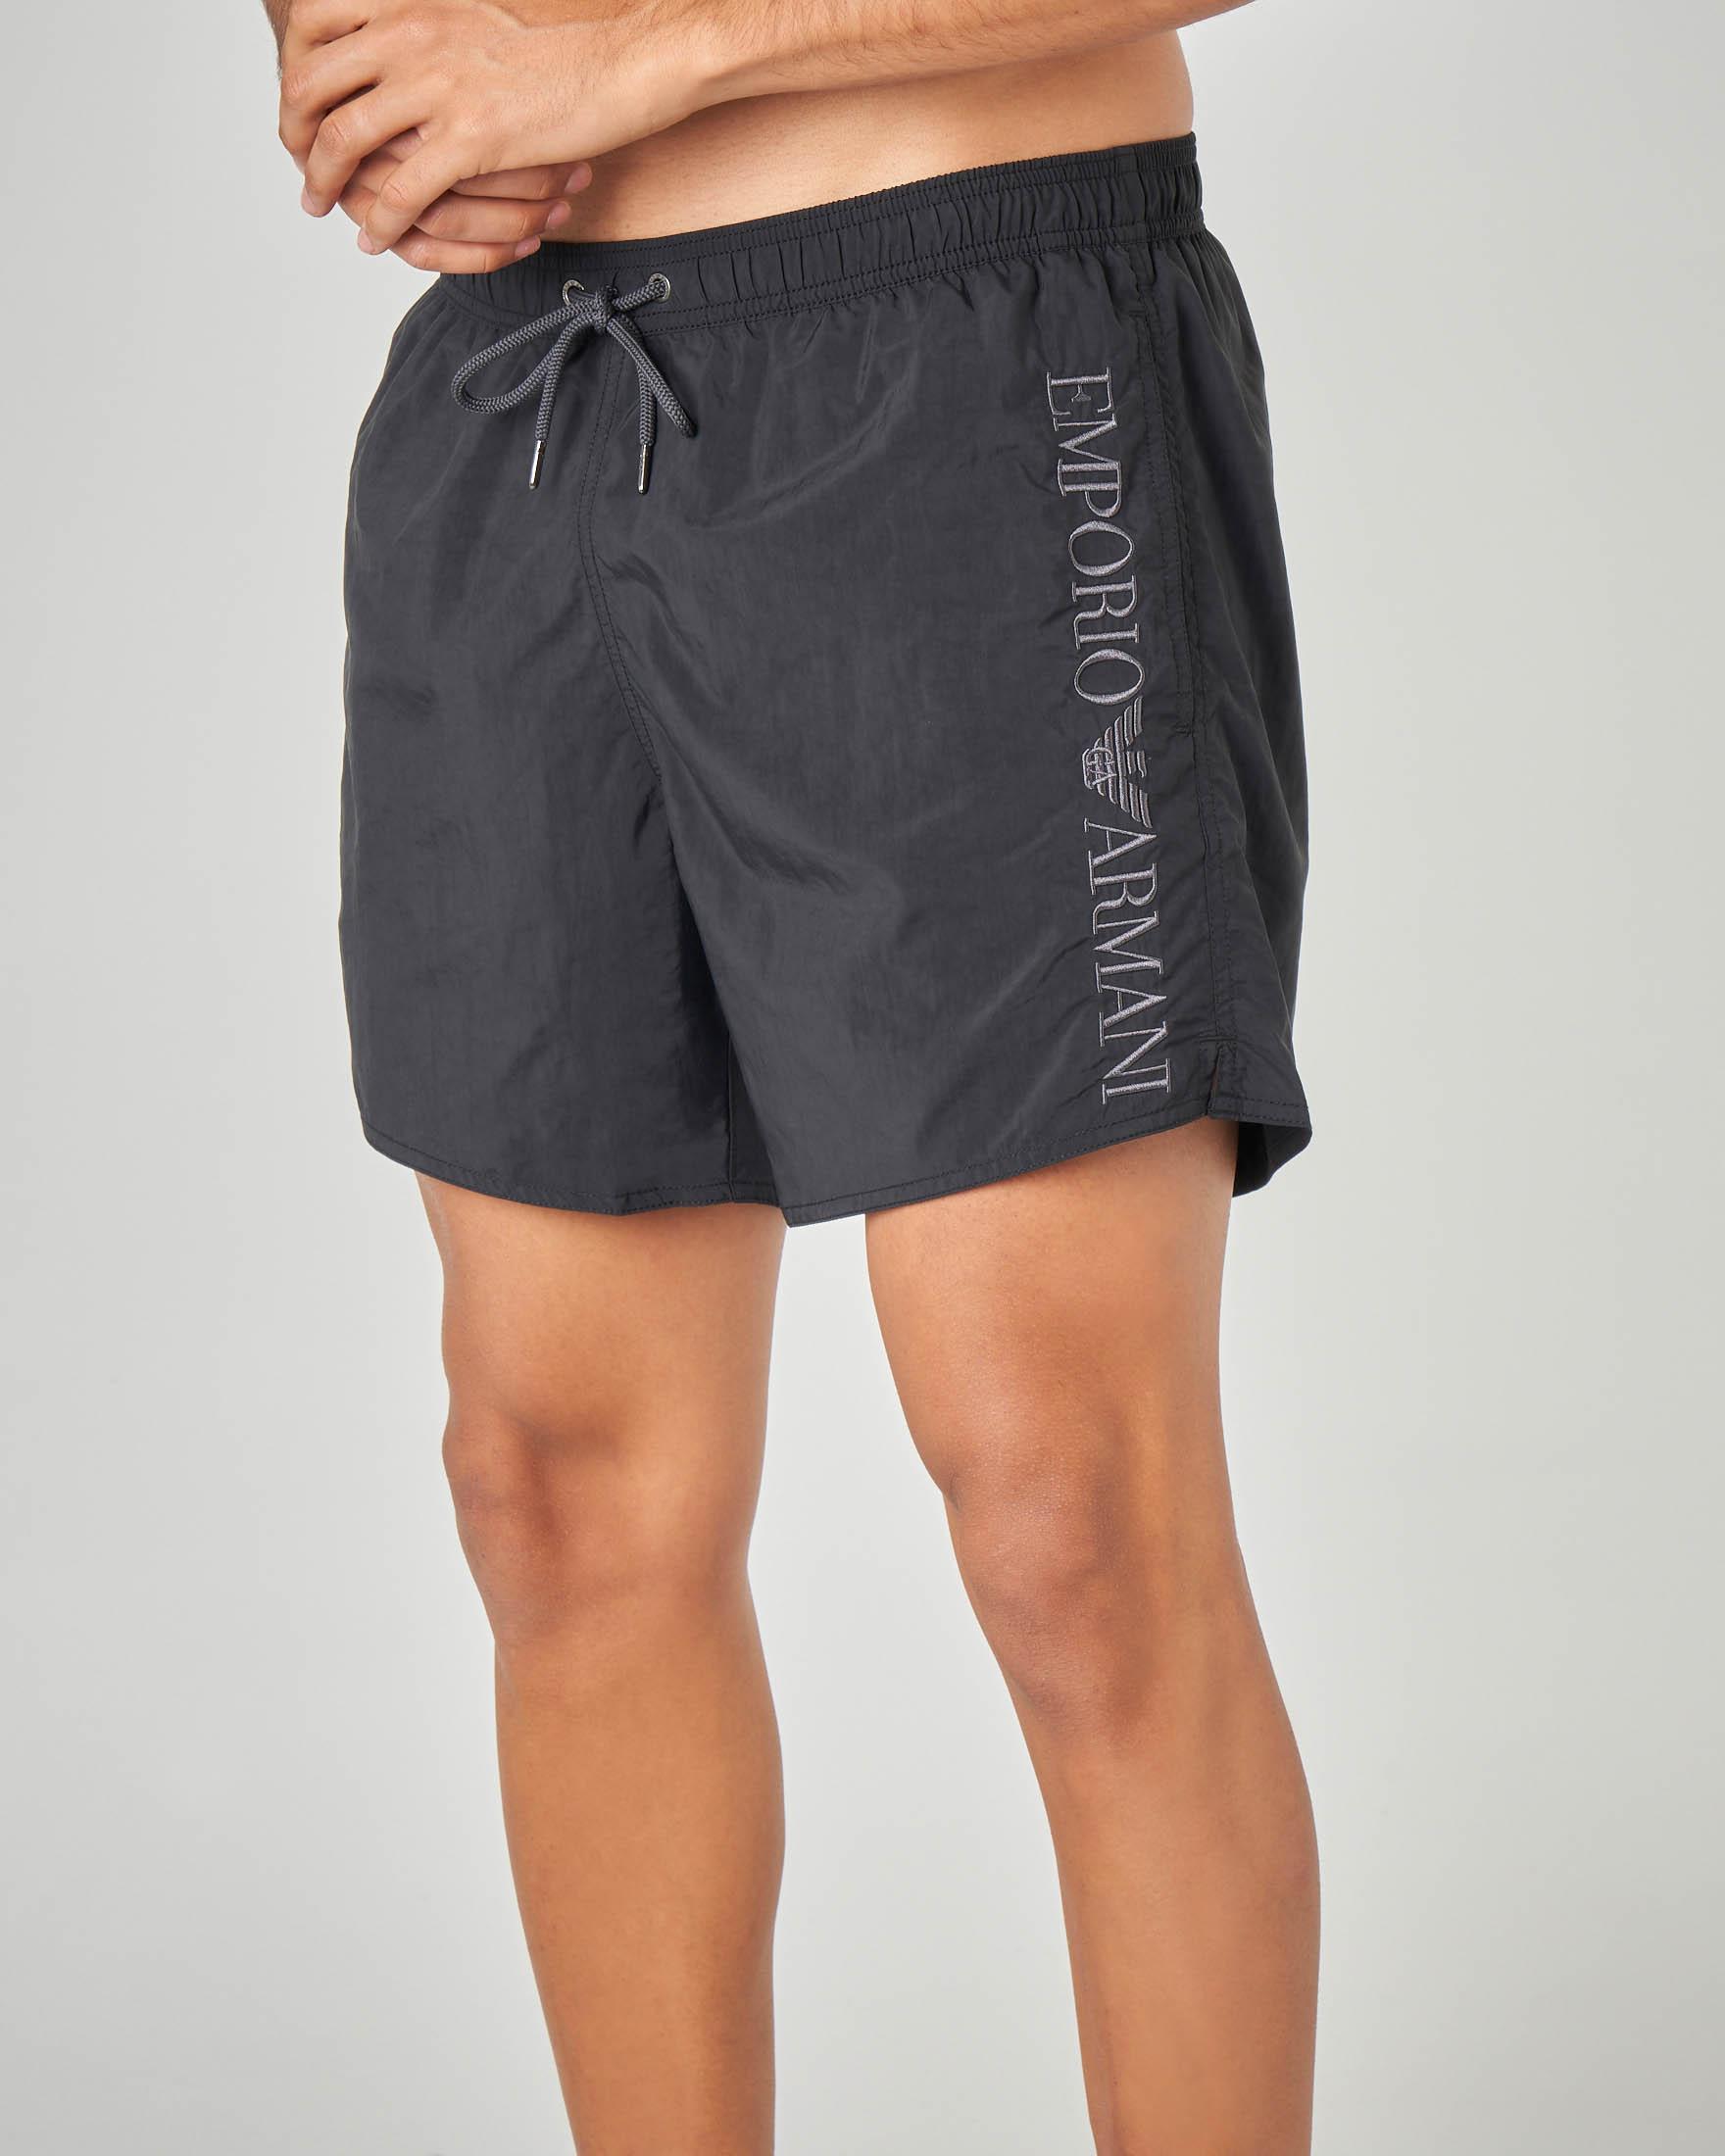 Costume boxer nero con logo ricamato in verticale